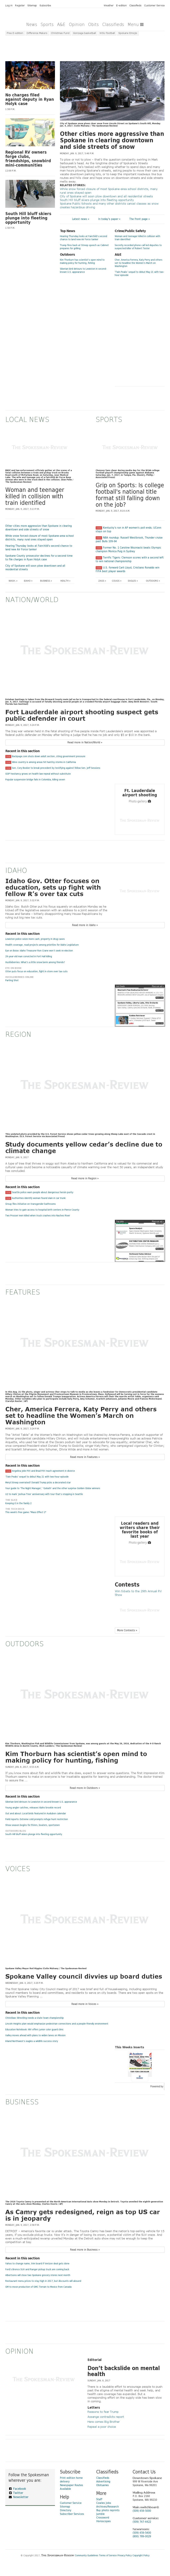 The (Spokane) Spokesman-Review at Tuesday Jan. 10, 2017, 6:21 a.m. UTC